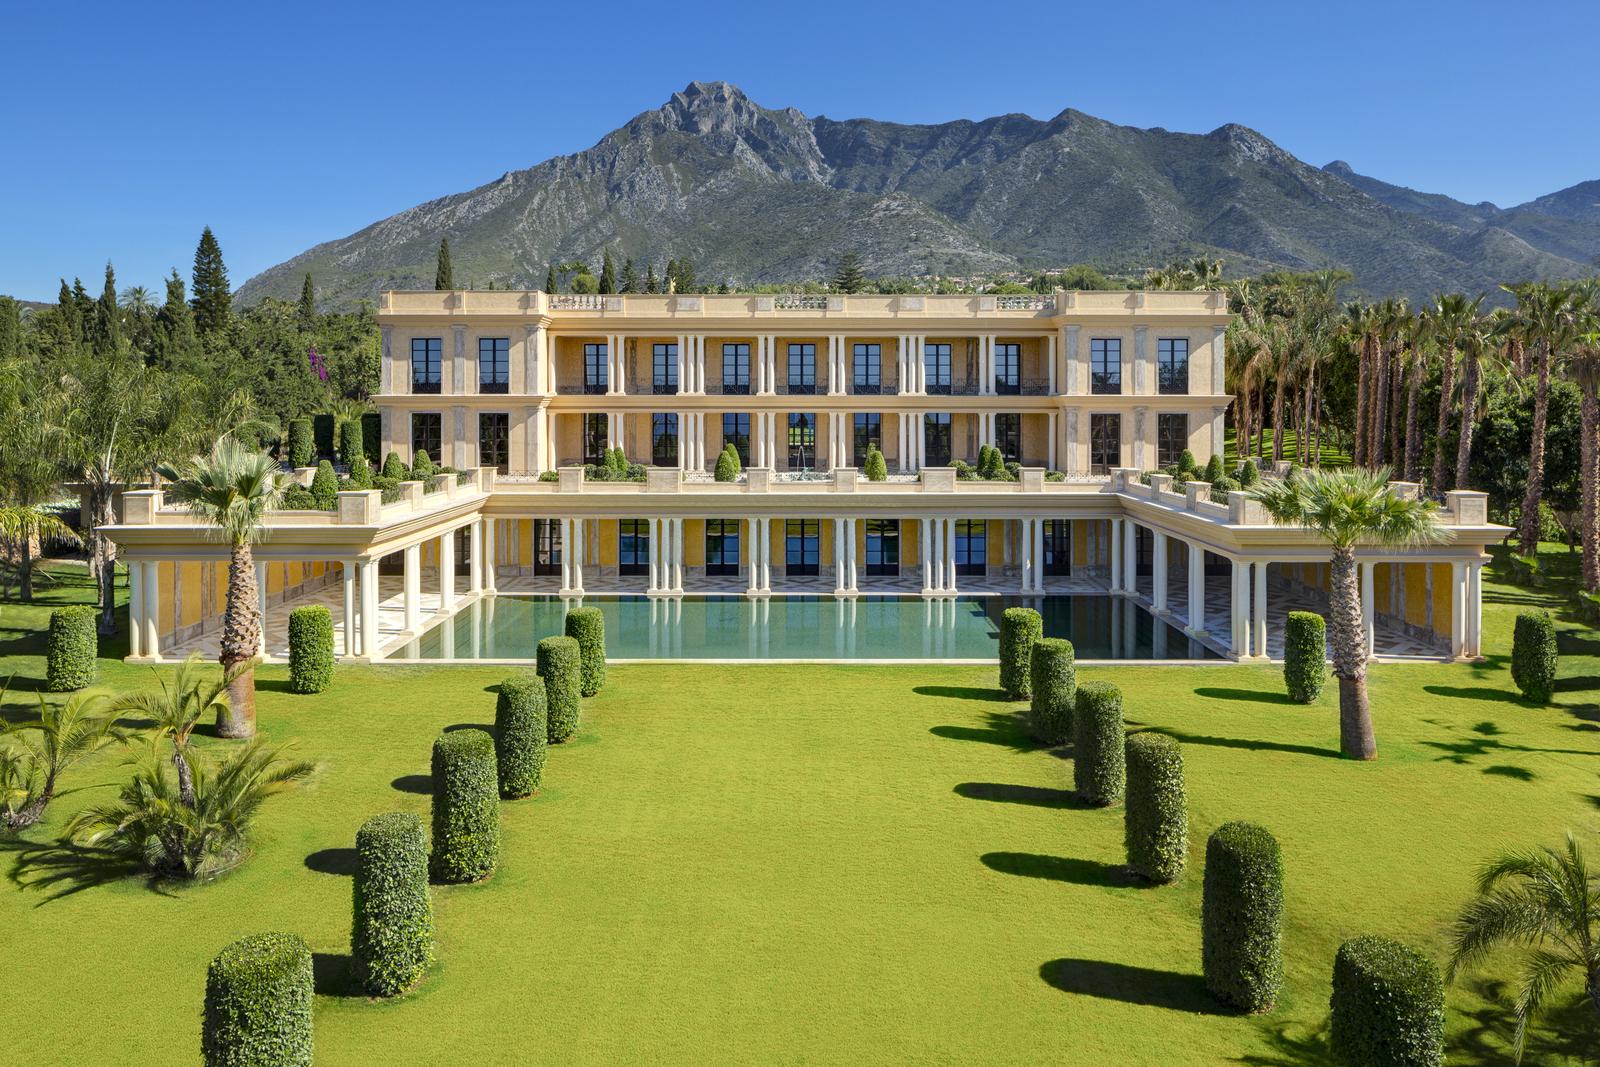 Investissement étranger à Marbella et augmentation de la demande de propriétés de luxe